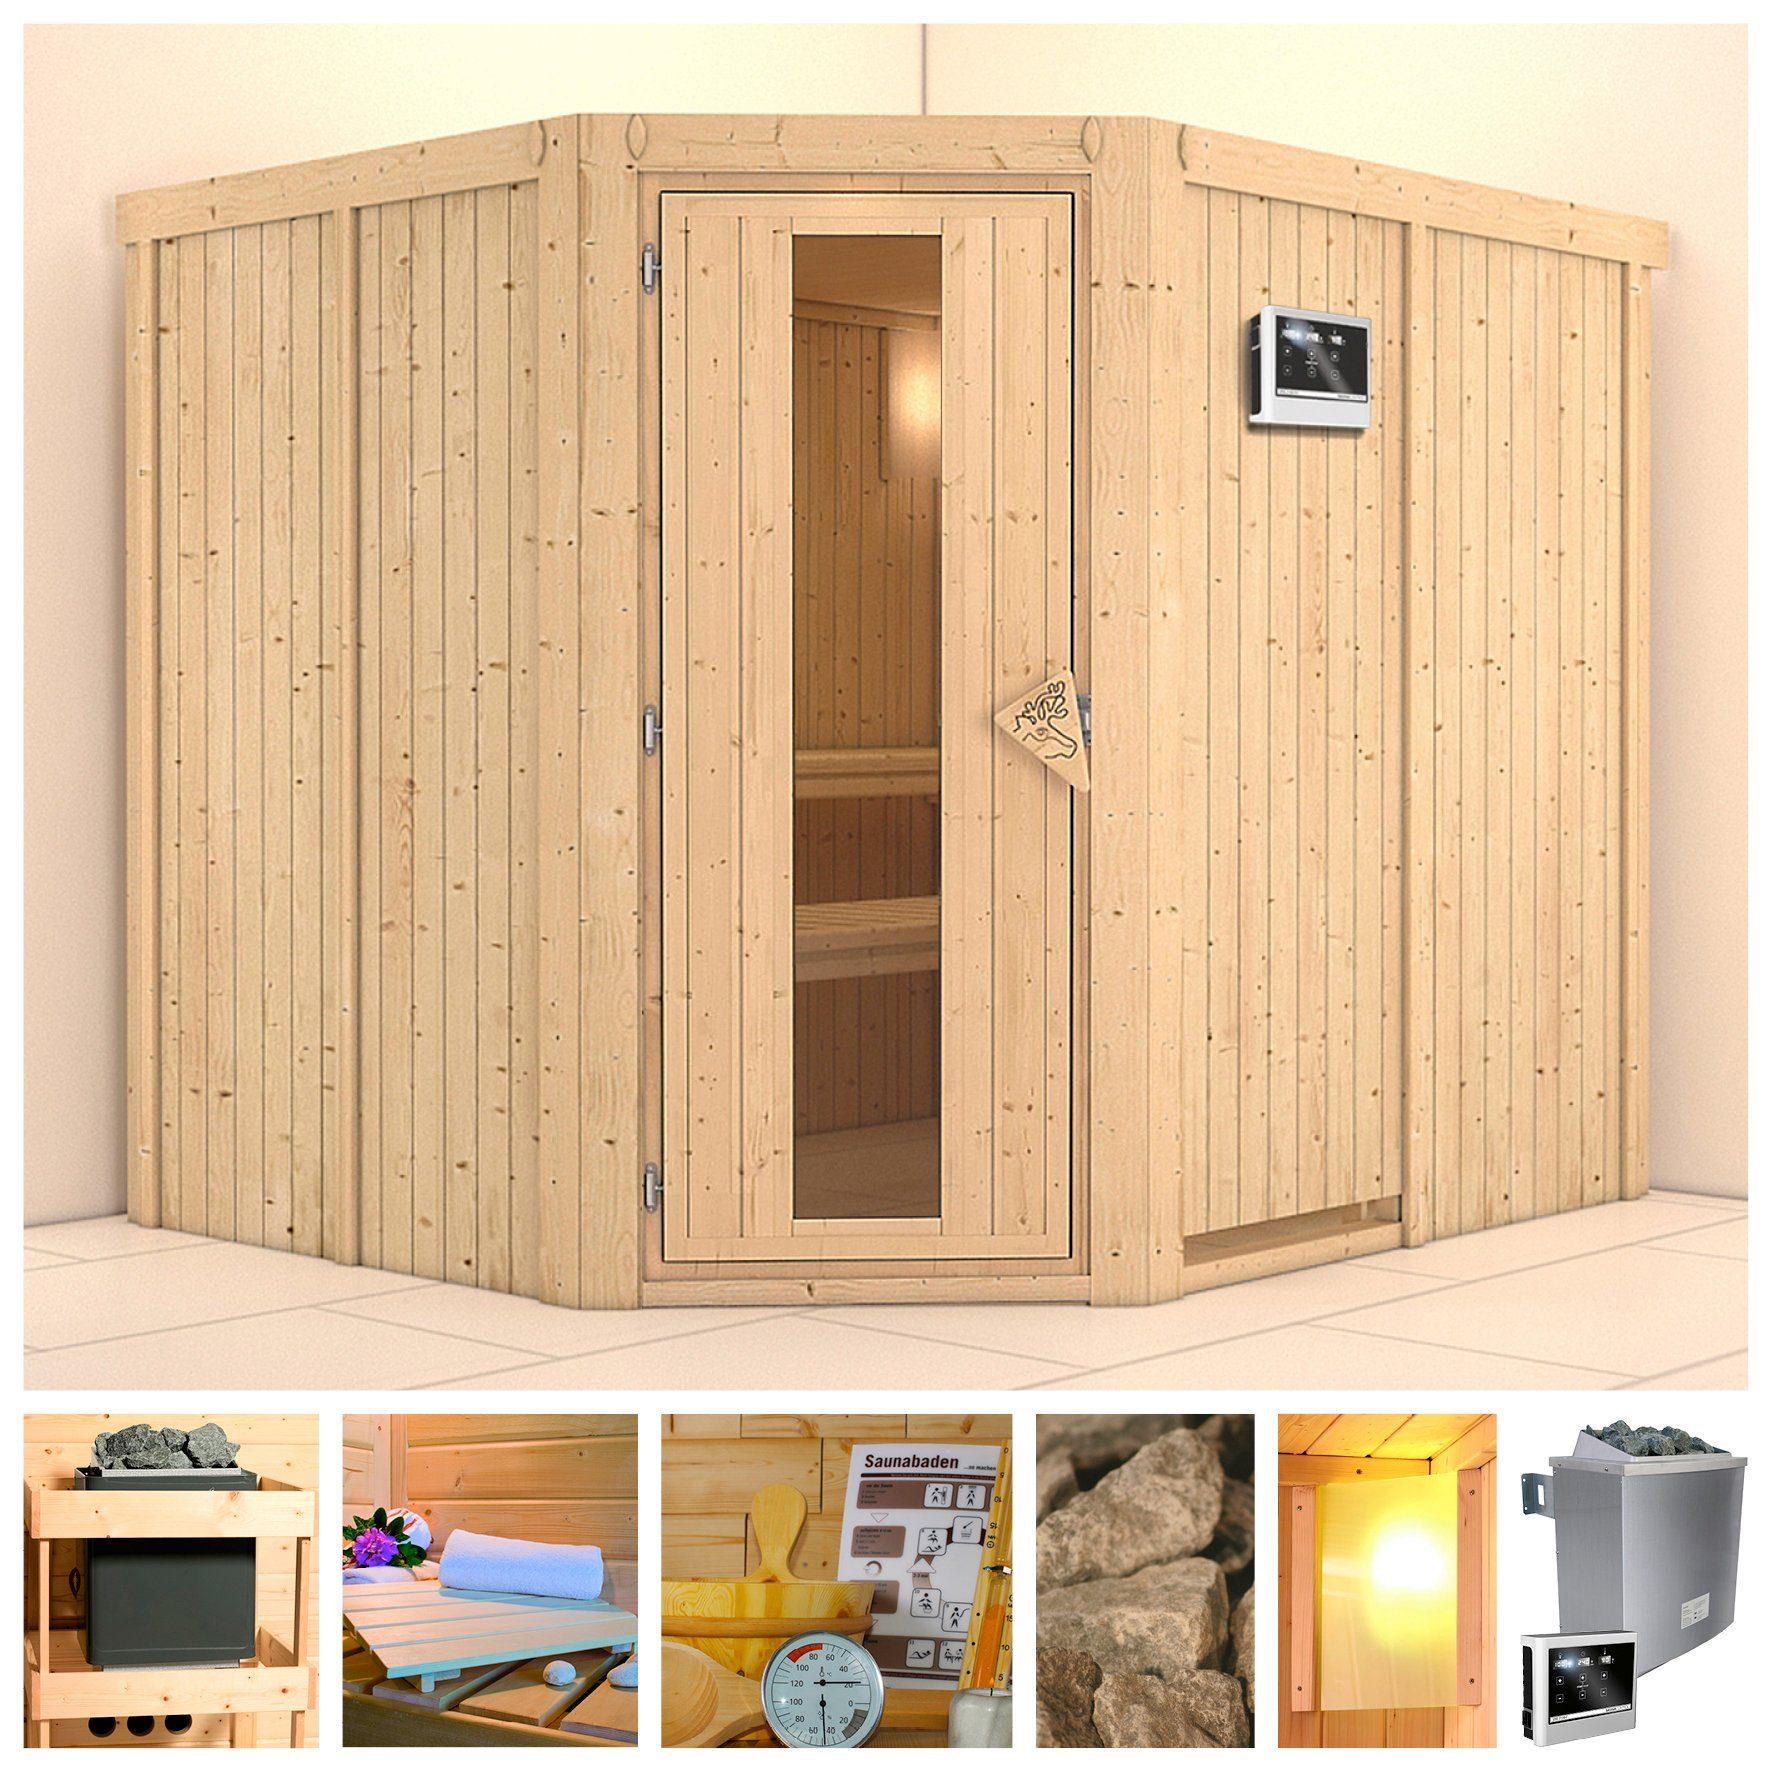 KONIFERA Sauna »Malin«, 231/196/198 cm, 9-kW-Ofen mit ext. Steuerung, Holztür